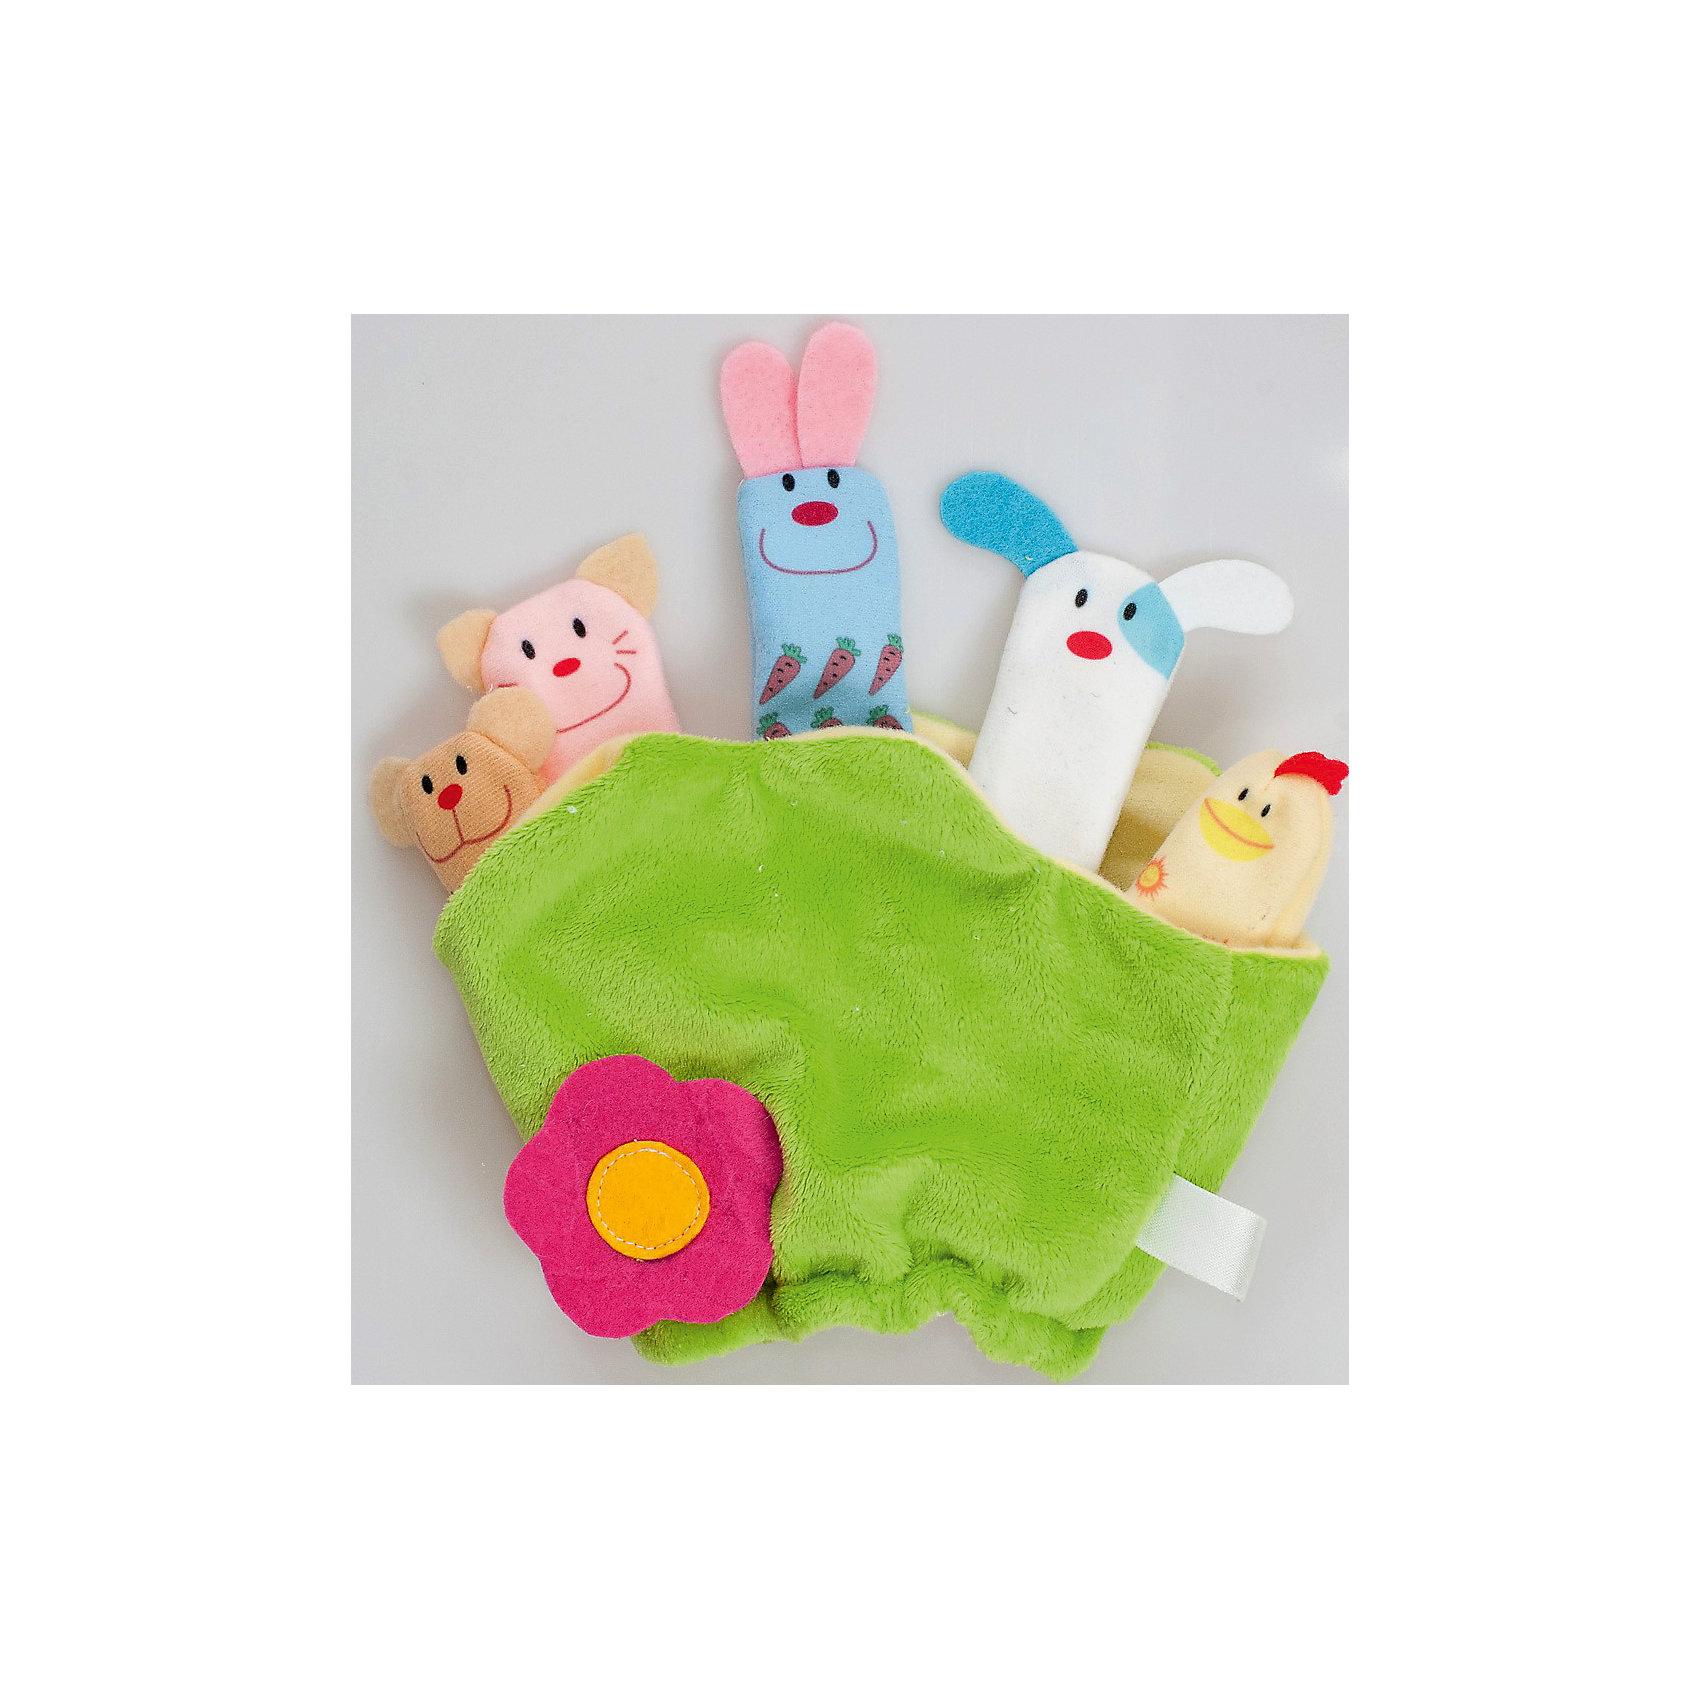 Мягкая игрушка Полянка, FancyЗвери и птицы<br>Характеристики:<br><br>• размер полянки: 25х21 см;<br>• количество игрушек: 5 шт.;<br>• тип игрушки: мягконабивная;<br>• материал: текстиль, синтетический наполнитель. <br><br>Кукольный театр с плюшевыми игрушками – полезное развлечение для малыша. На полянке устроились 5 персонажей, которые будут участвовать в спектакле. Малыш может сам надевать игрушки на пальчики, или мама будет показывать спектакль – это зависит от возраста крохи. <br><br>Мягкую игрушку Полянка, Fancy можно купить в нашем магазине.<br><br>Ширина мм: 30<br>Глубина мм: 210<br>Высота мм: 248<br>Вес г: 110<br>Возраст от месяцев: 36<br>Возраст до месяцев: 2147483647<br>Пол: Унисекс<br>Возраст: Детский<br>SKU: 5269003